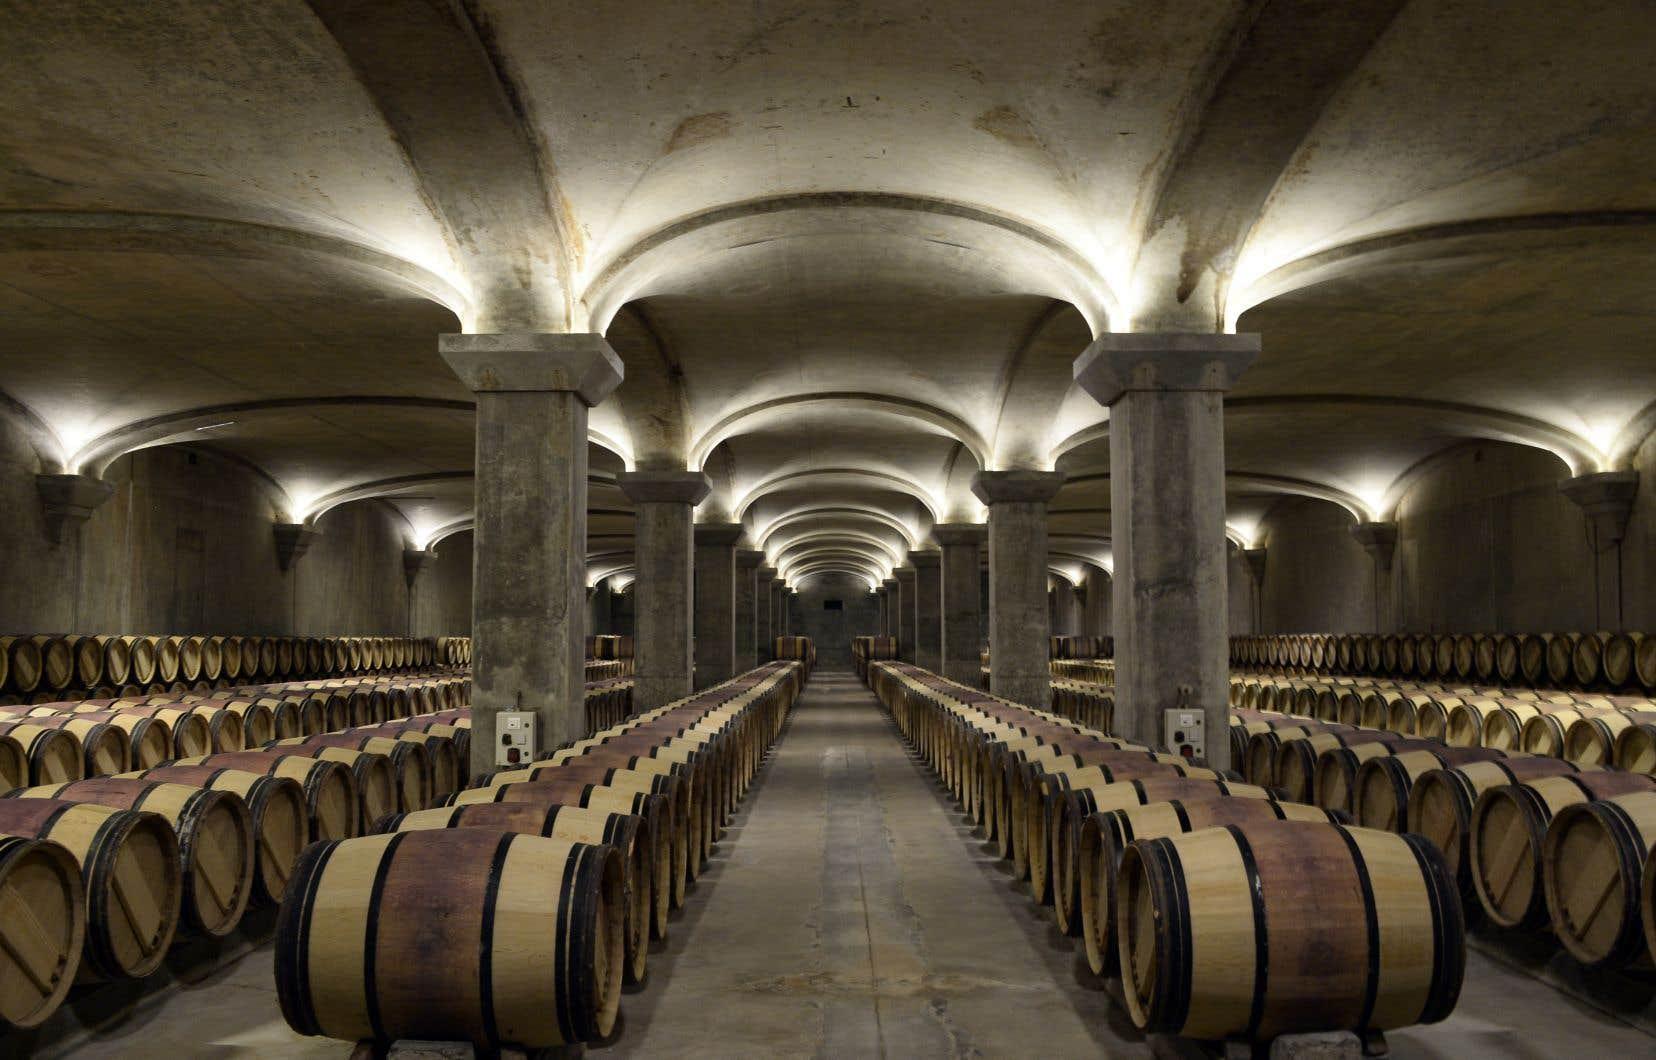 Il y a dans les très grands vins quelque chose qui transcende les mots. Un peu comme un paysage dont aucune photo ne traduit vraiment la splendeur.